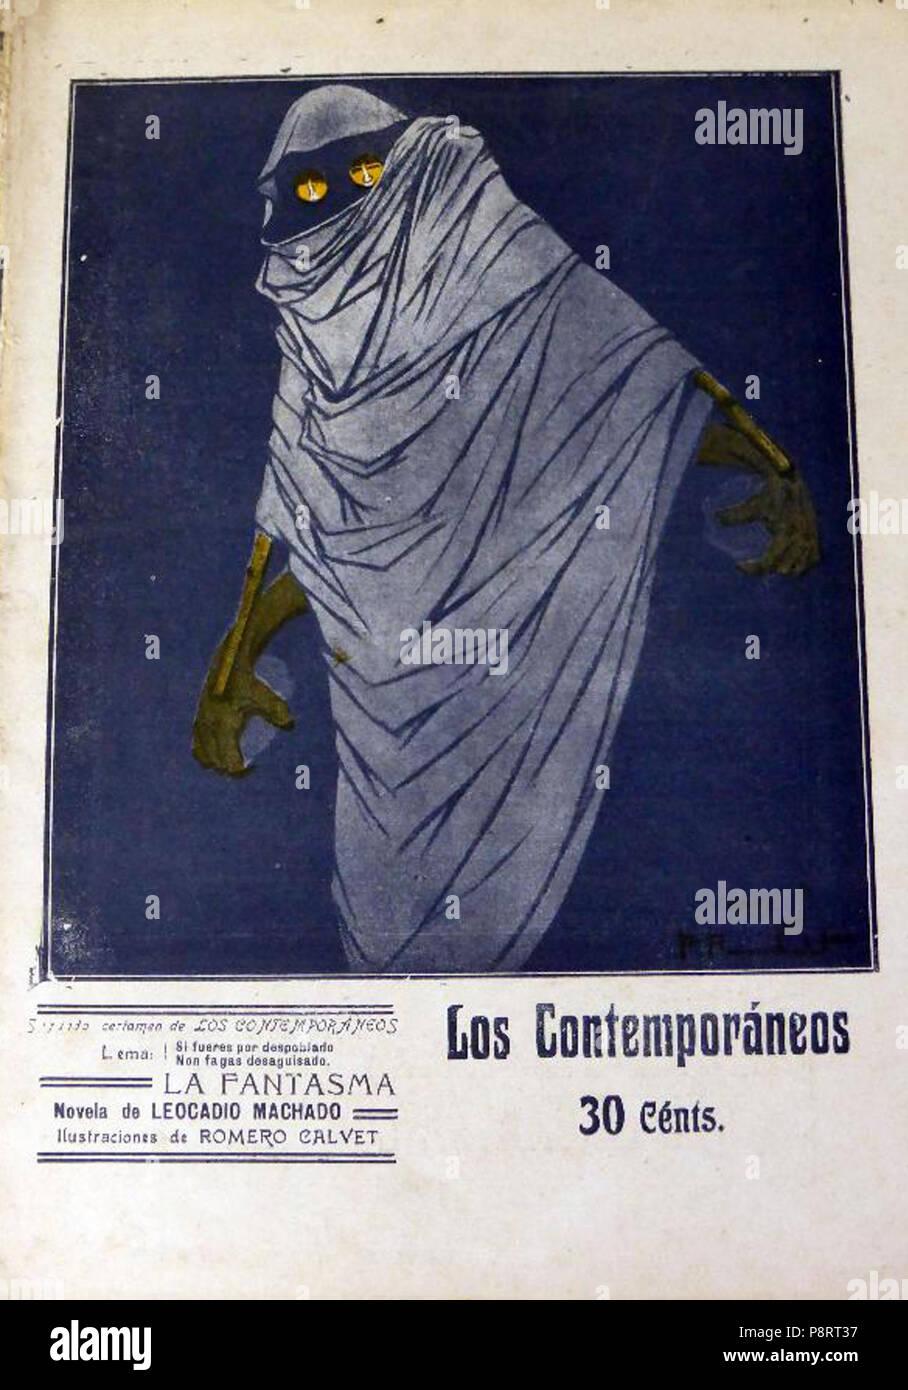 16 1911-08-25, Los Contemporáneos, La fantasma, de Leocadio Machado, Romero Calvet Immagini Stock